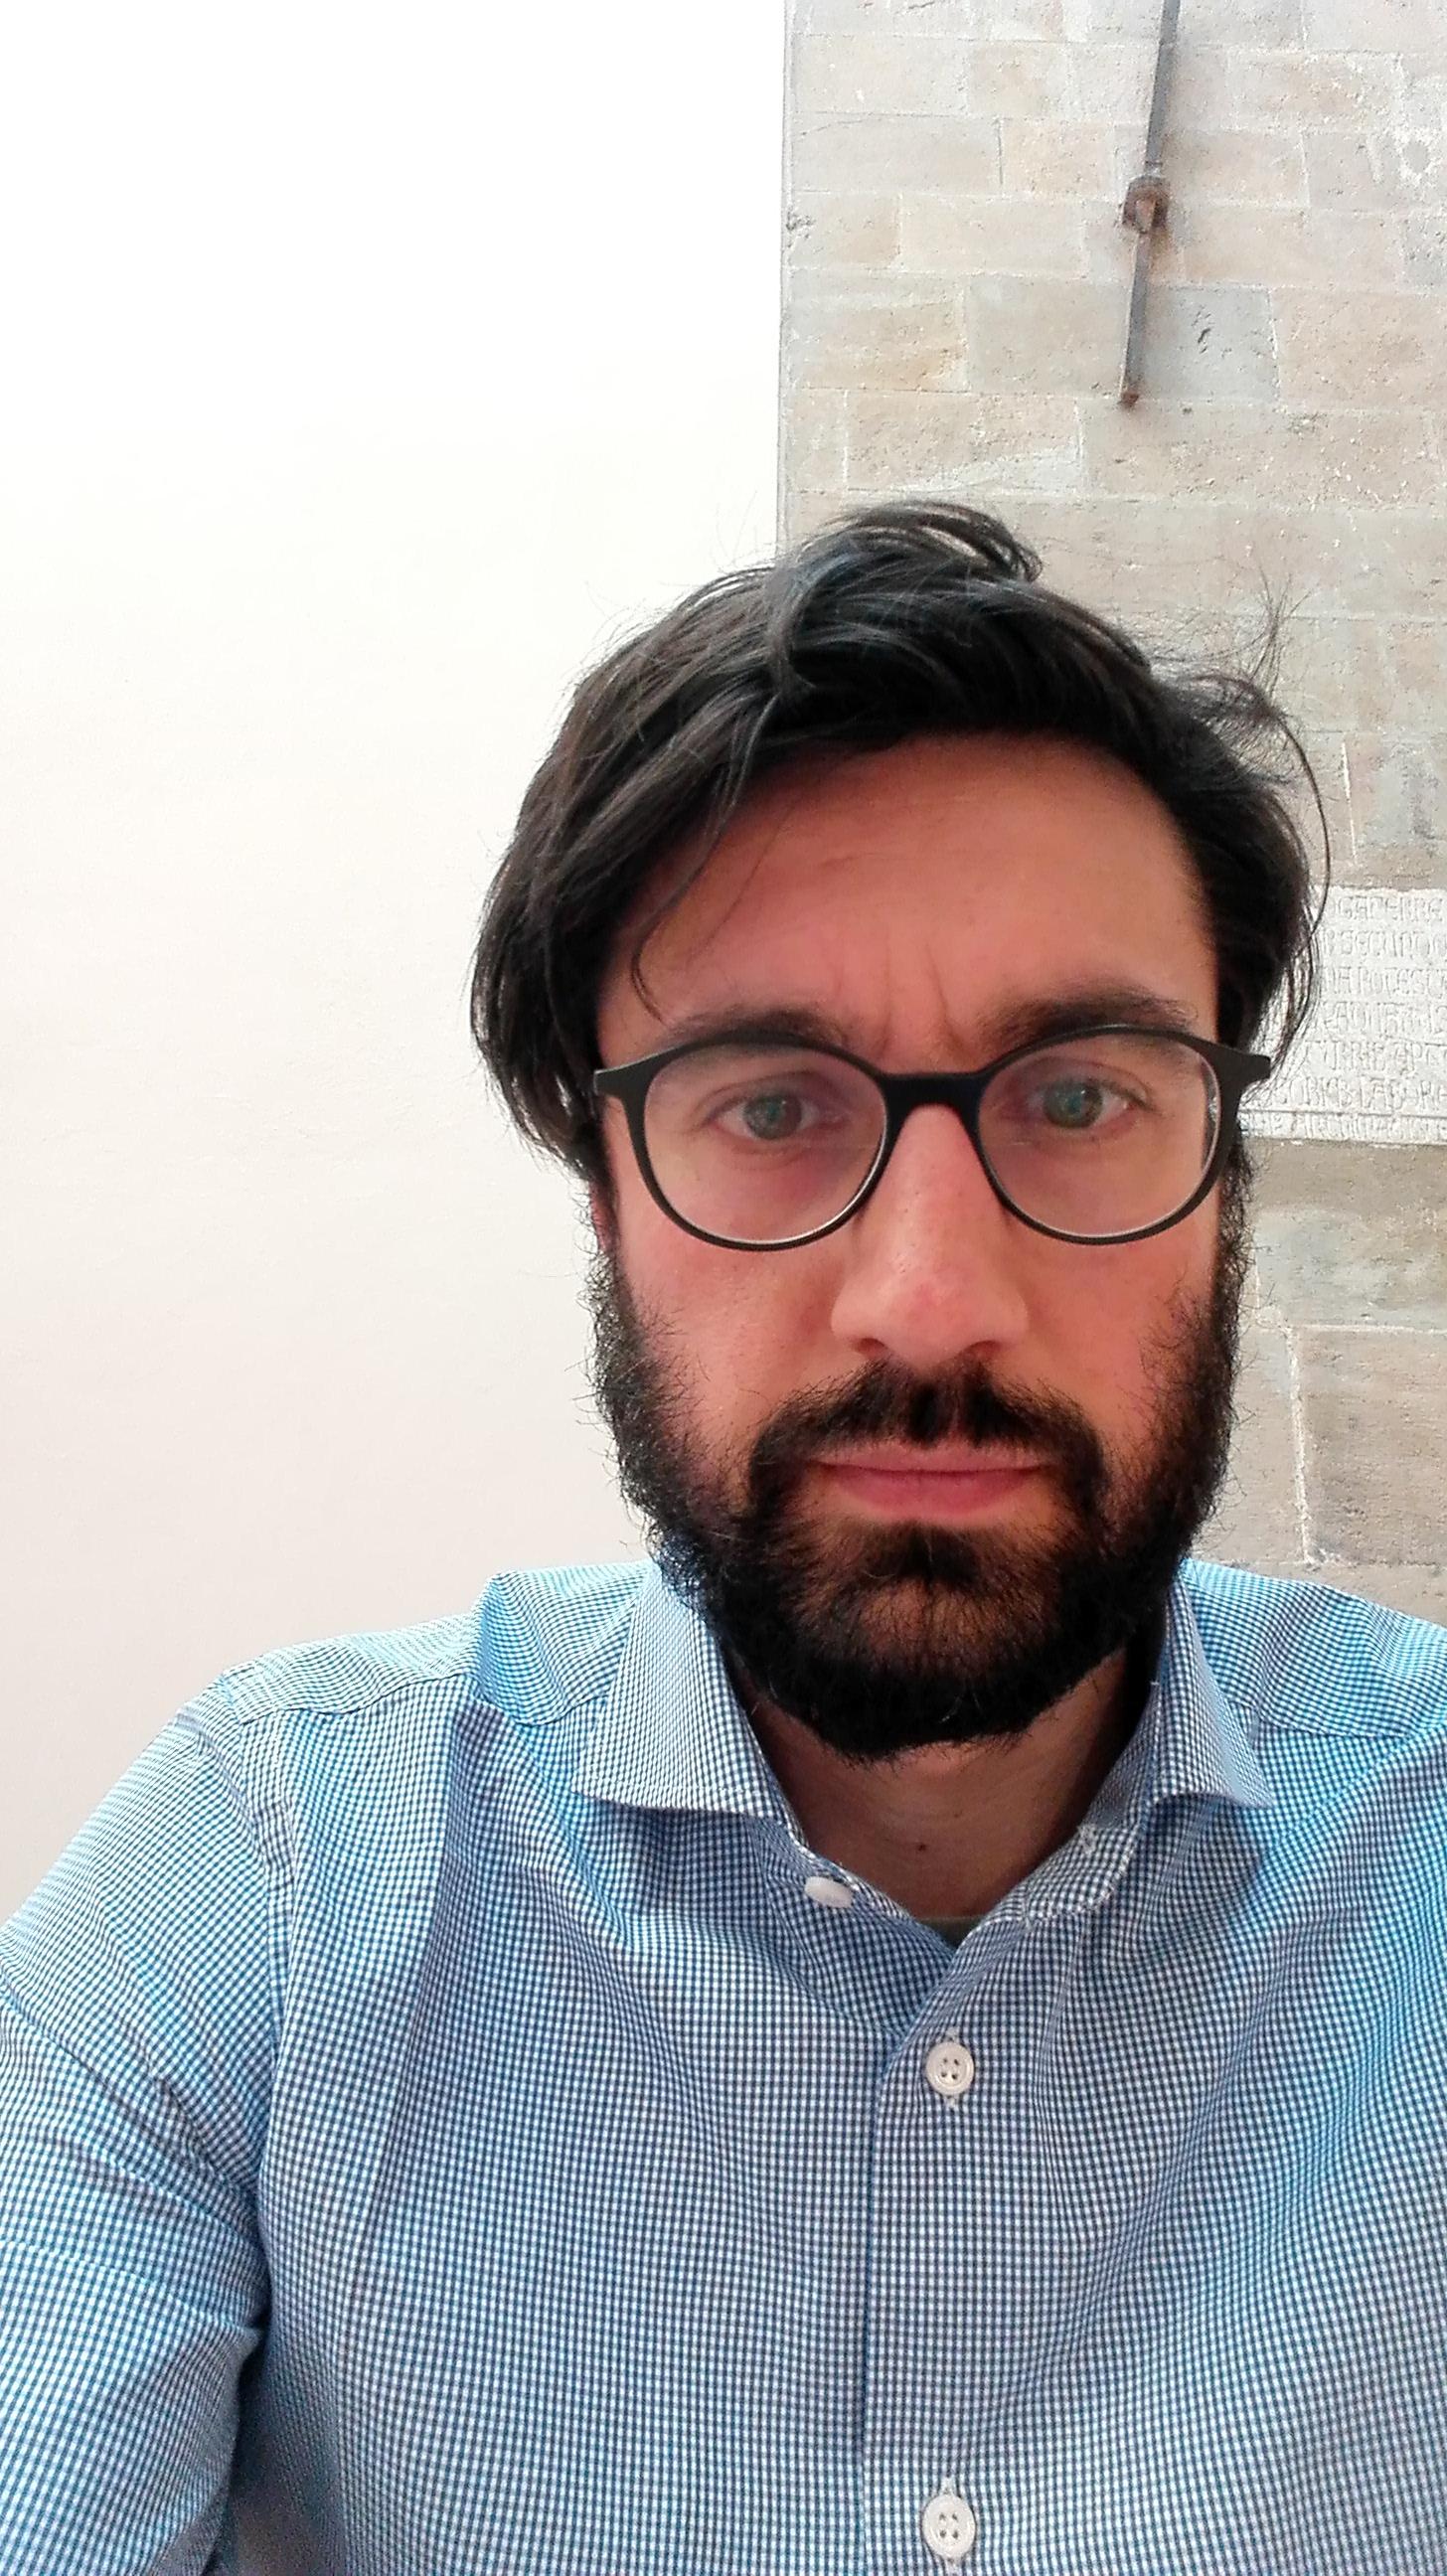 Tiziano Toracca